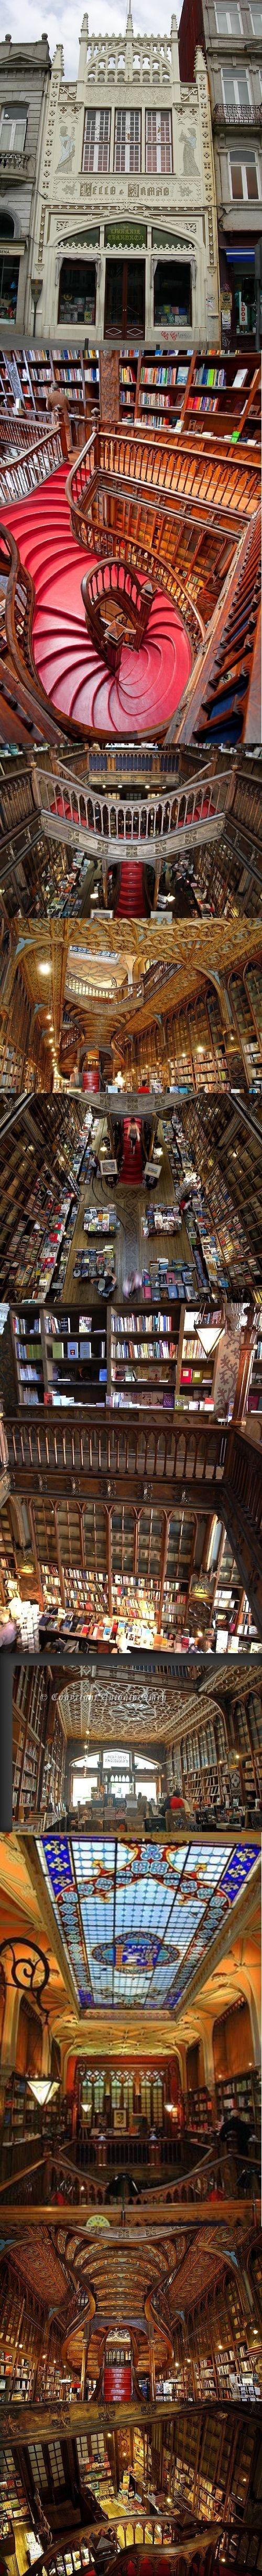 Inside amazing bookshopnLivraria llello  Iirmão in Porto, Portugal  (via classiclibrarian)